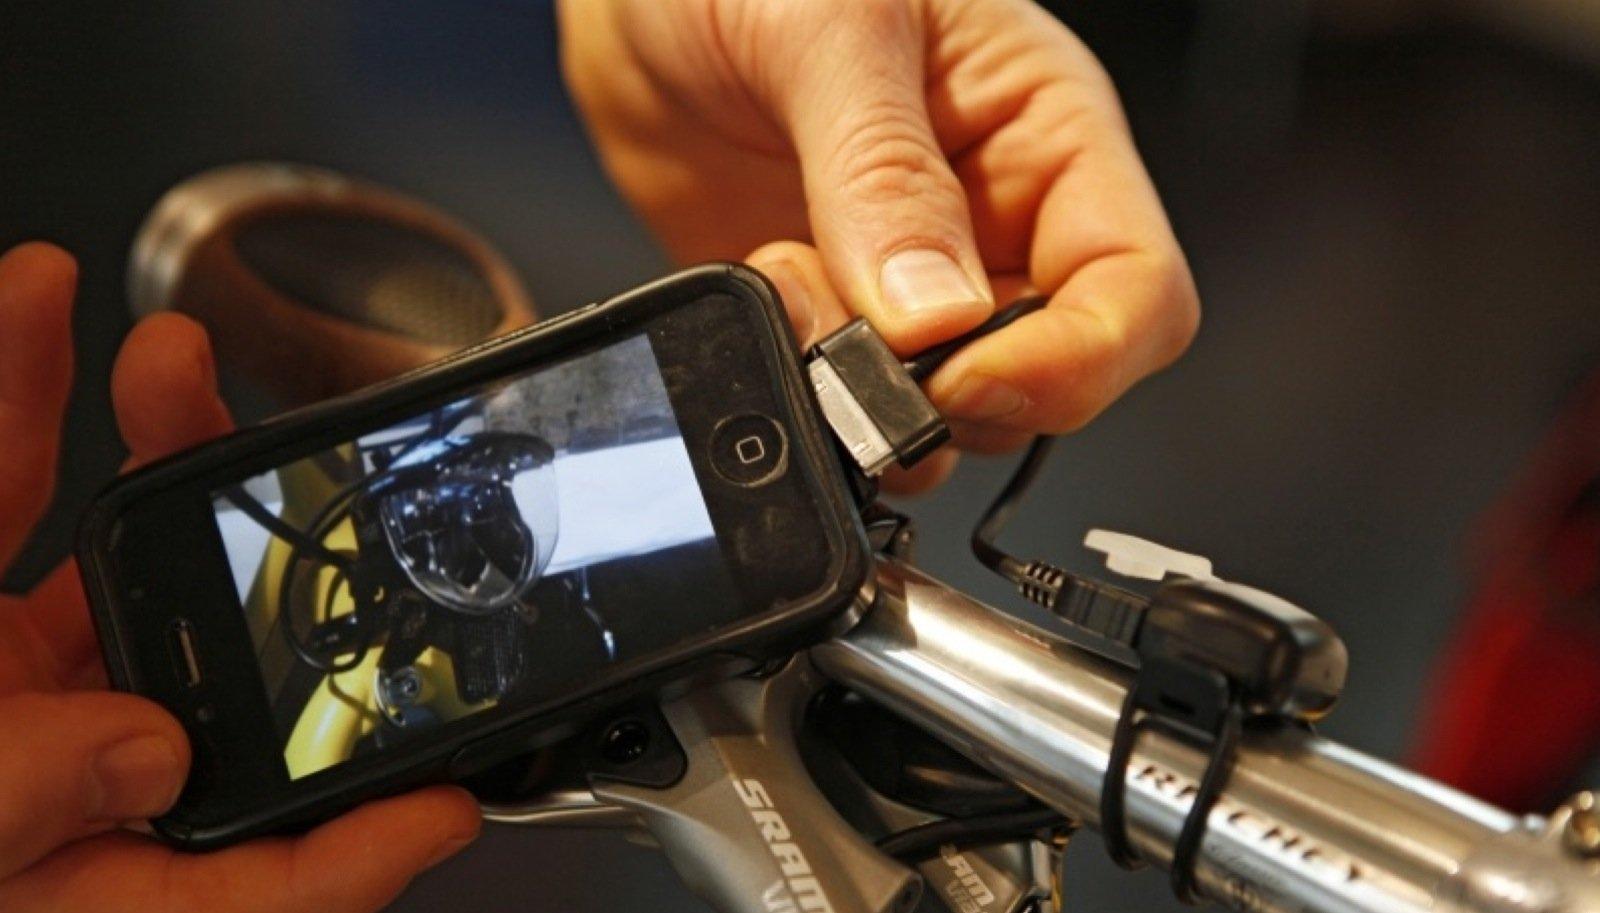 An hochwertigen Fahrrädern lässt sich über eine USB-Schnittstelle während der Fahrt das Handy laden.